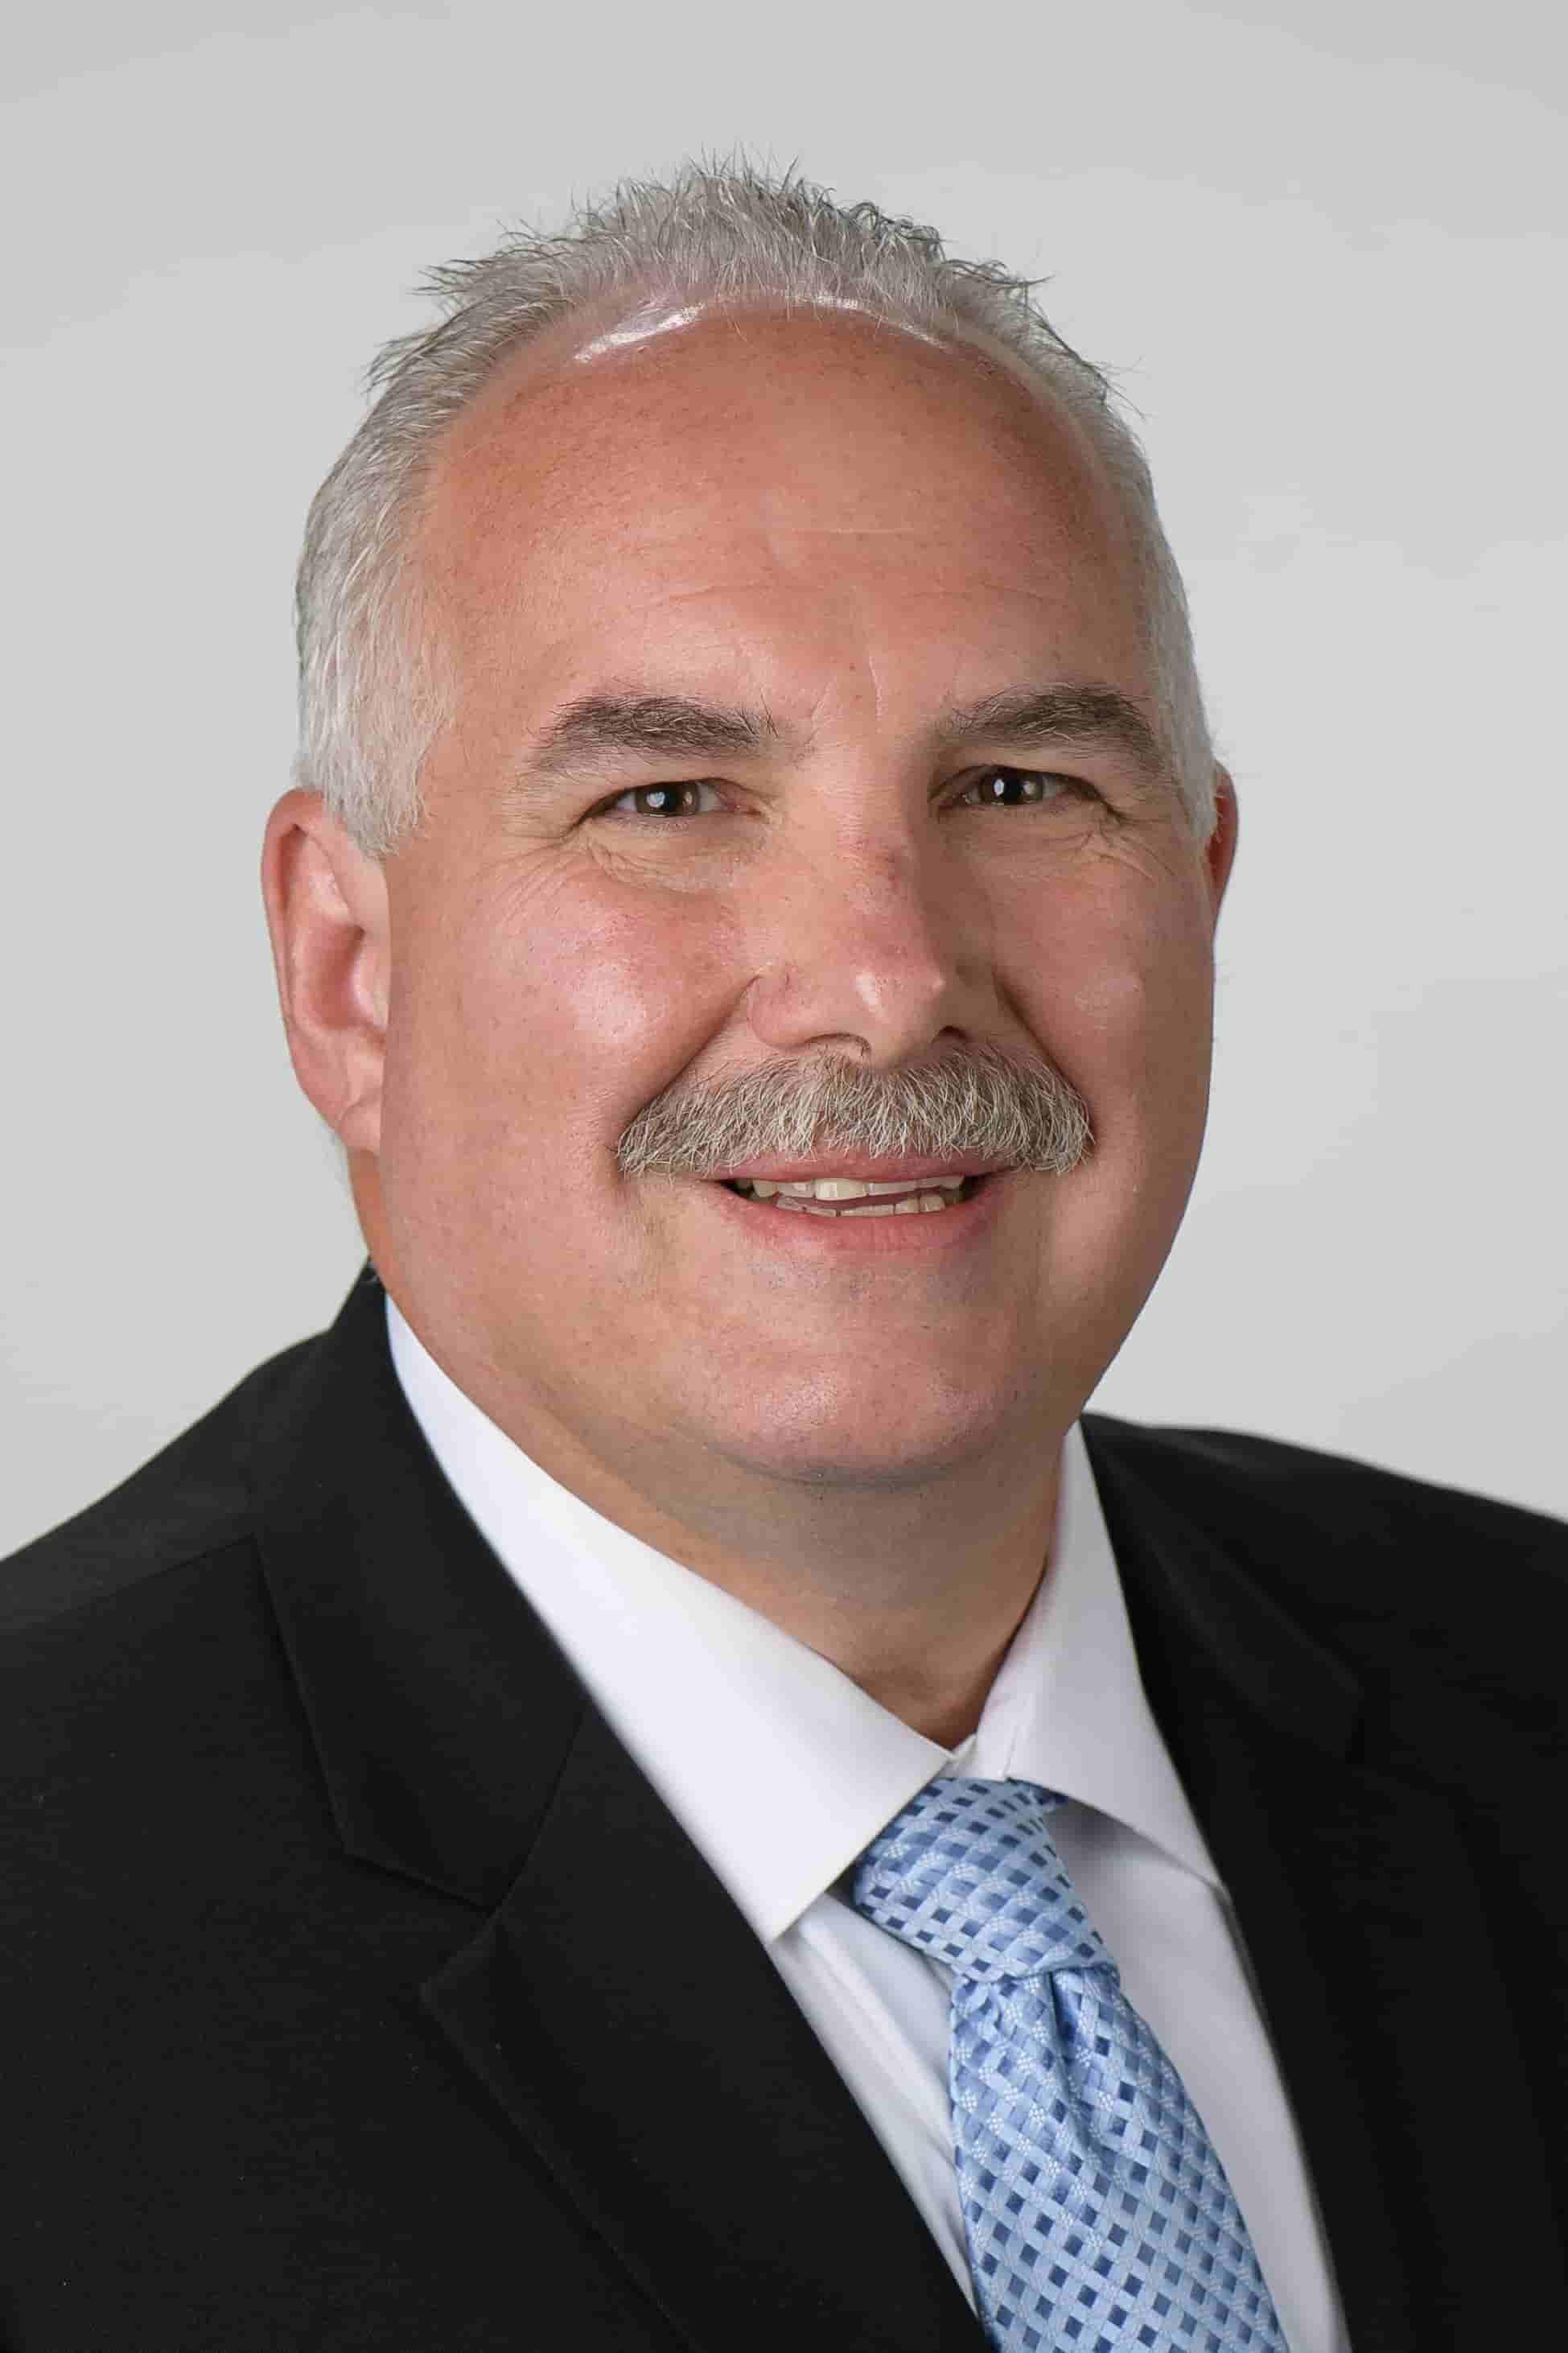 Frank Andrzejewski